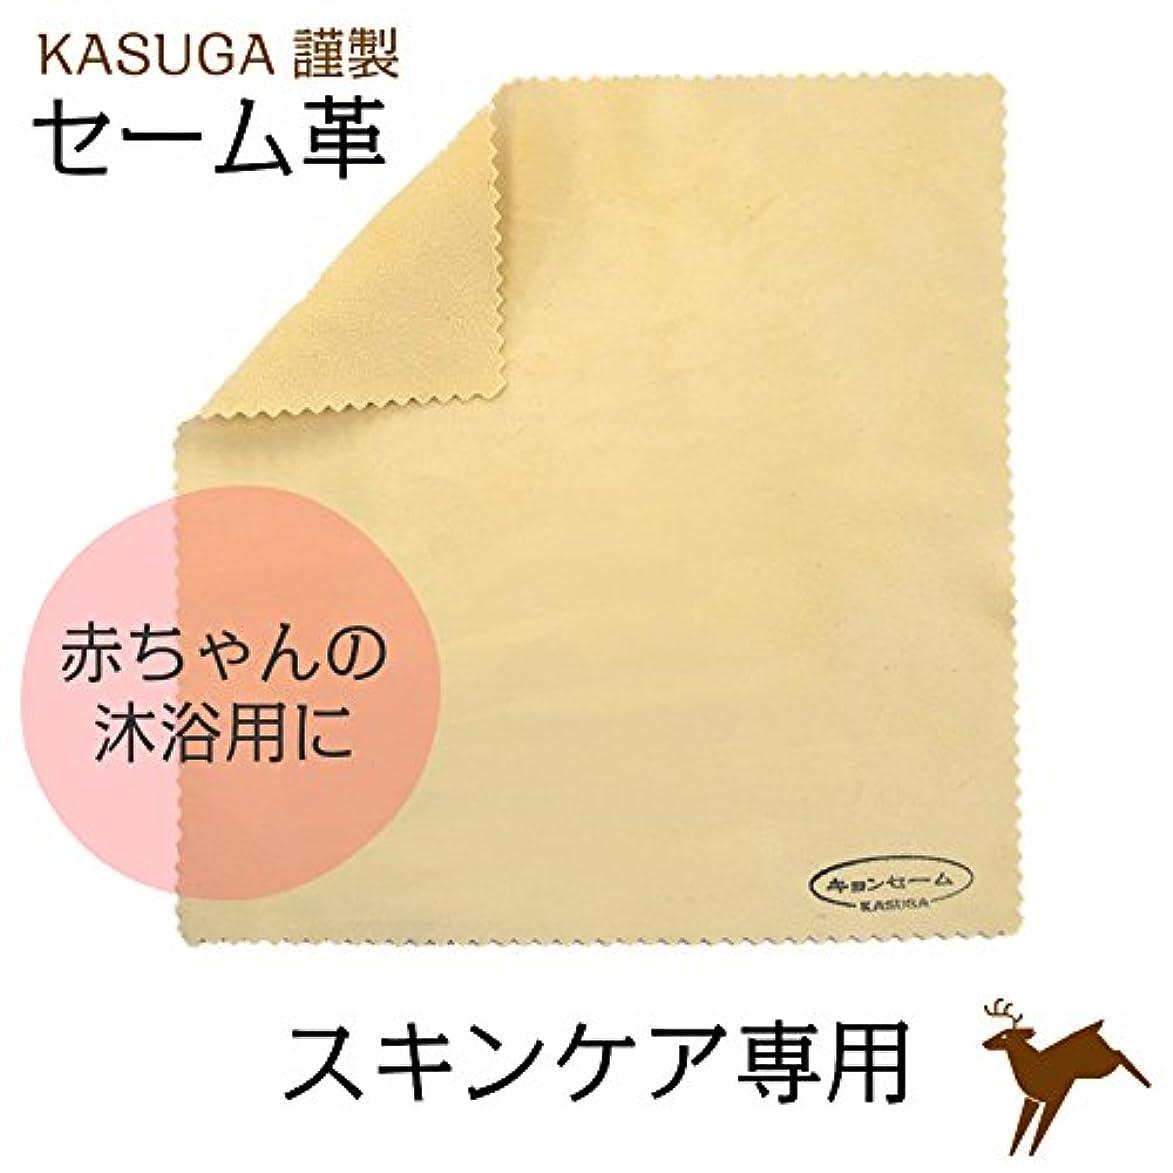 汚染するすずめ集める春日カスガ謹製 スキンケア専用キョンセーム革 20cm×20cm